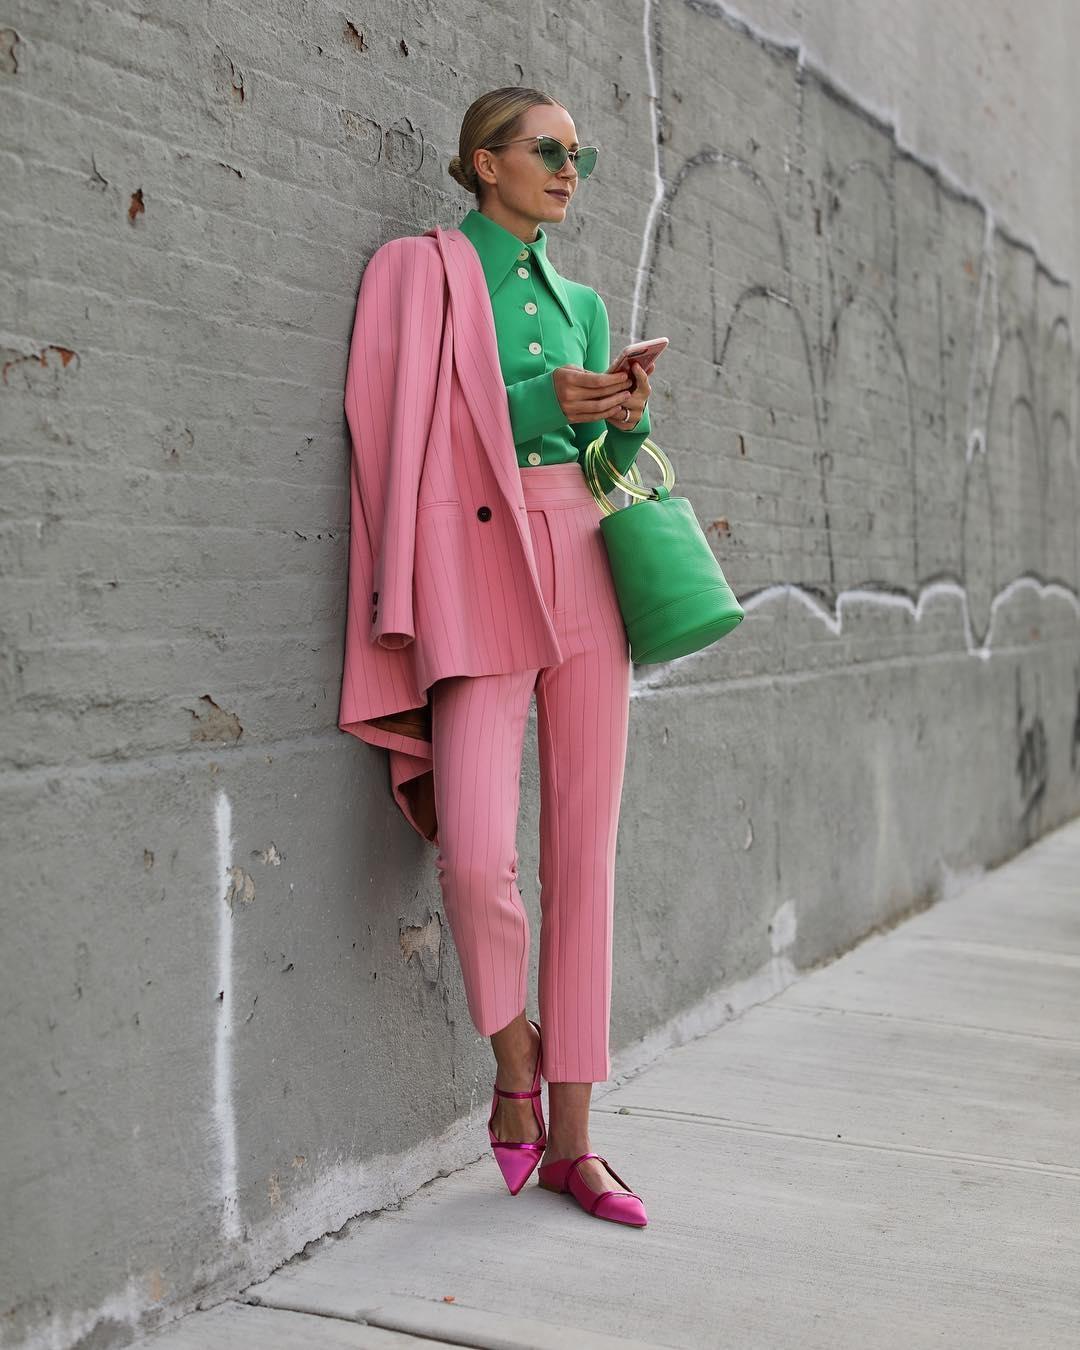 blair-eadie-pink-power-suit